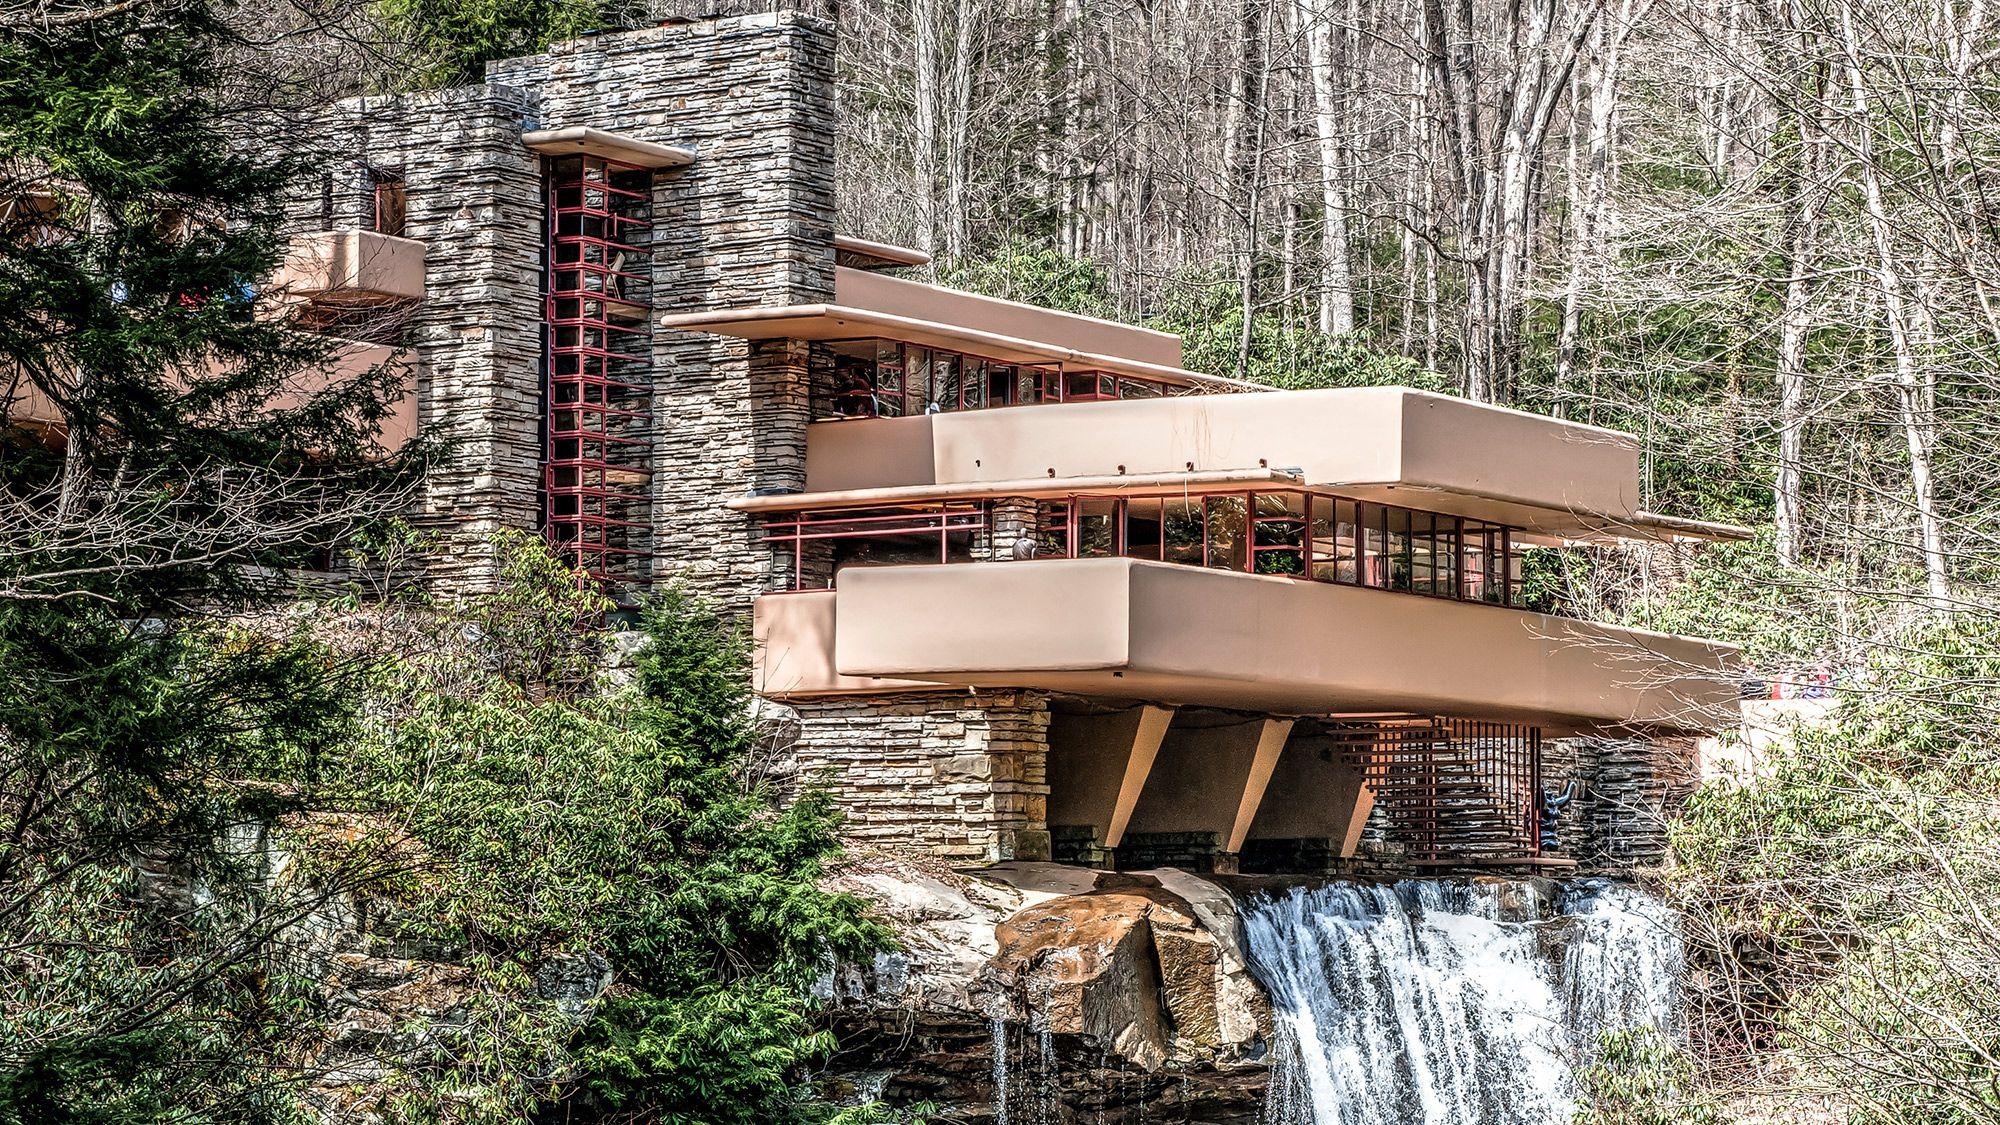 Superior Architecture